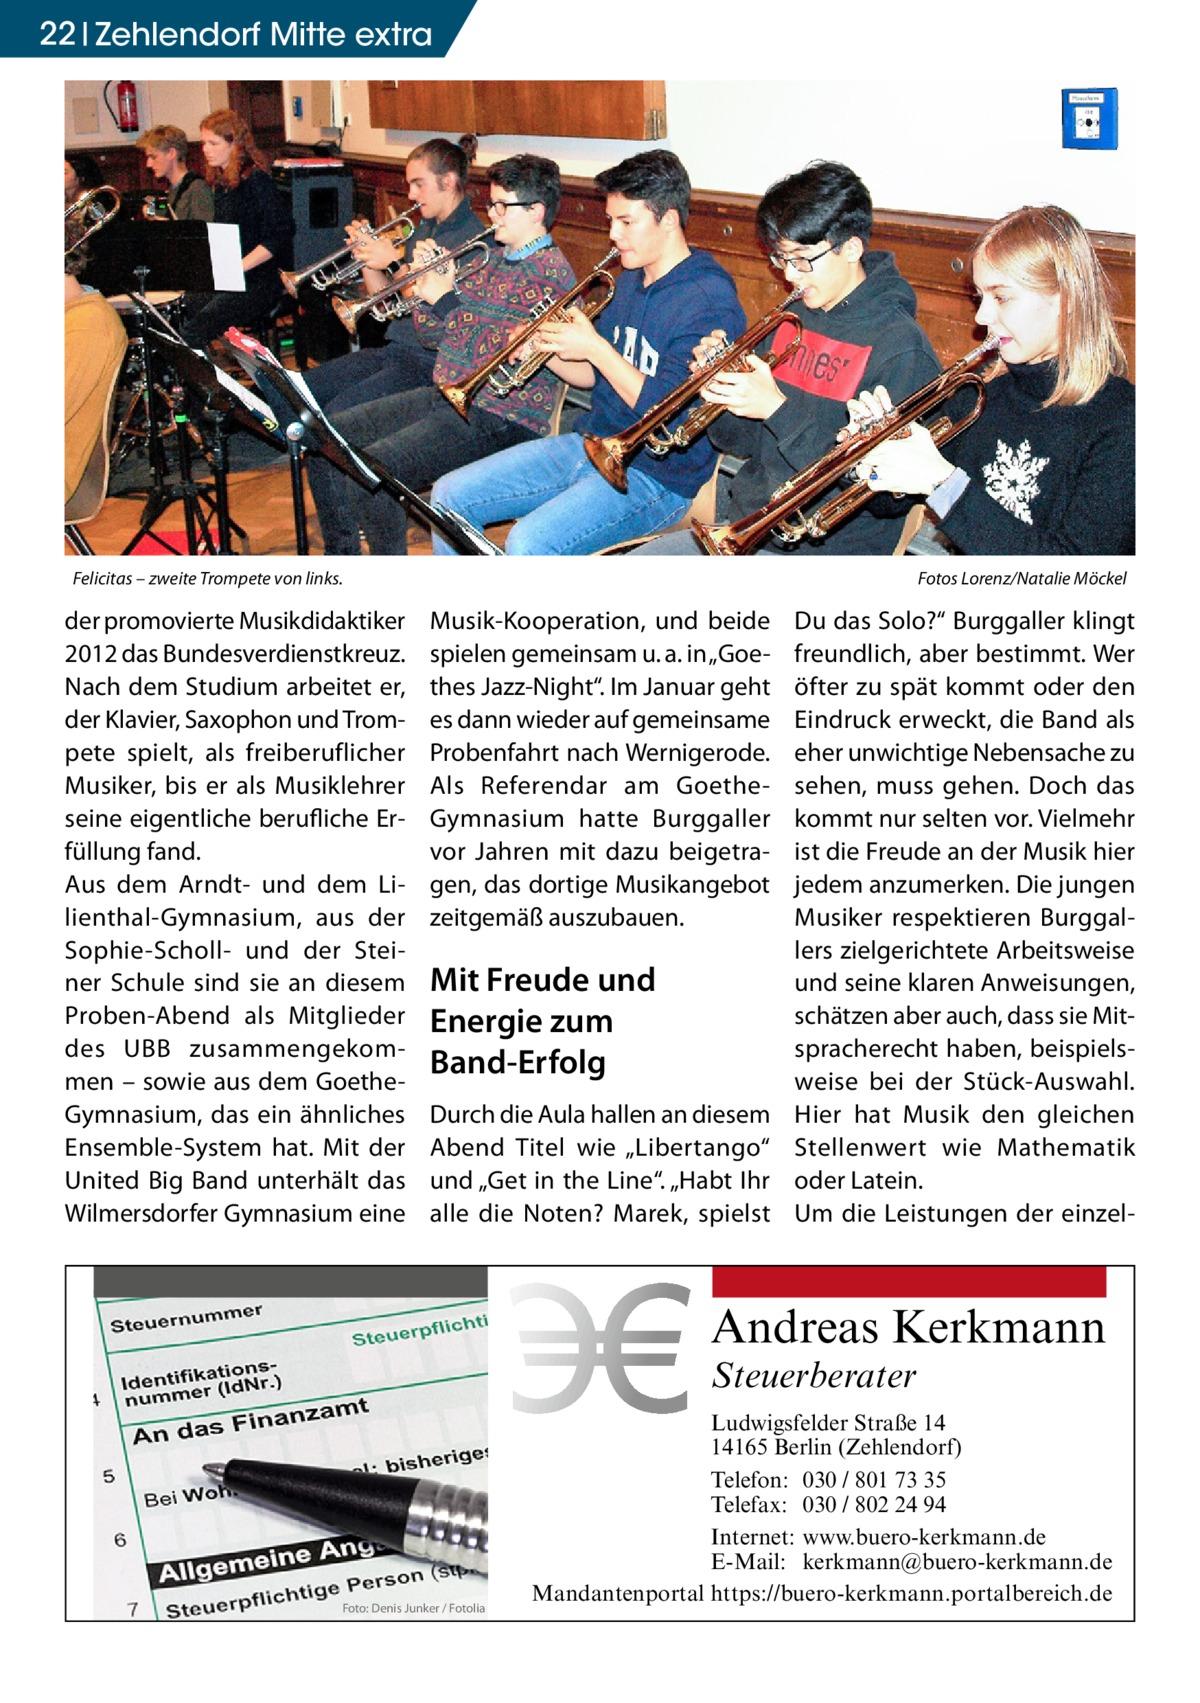 """22 Zehlendorf Mitte extra  Felicitas – zweite Trompete von links.�  der promovierte Musikdidaktiker 2012 das Bundesverdienstkreuz. Nach dem Studium arbeitet er, der Klavier, Saxophon und Trompete spielt, als freiberuflicher Musiker, bis er als Musiklehrer seine eigentliche berufliche Erfüllung fand. Aus dem Arndt- und dem Lilienthal-Gymnasium, aus der Sophie-Scholl- und der Steiner Schule sind sie an diesem Proben-Abend als Mitglieder des UBB zusammengekommen – sowie aus dem GoetheGymnasium, das ein ähnliches Ensemble-System hat. Mit der United Big Band unterhält das Wilmersdorfer Gymnasium eine  Fotos Lorenz/Natalie Möckel  Musik-Kooperation, und beide spielen gemeinsam u.a. in """"Goethes Jazz-Night"""". Im Januar geht es dann wieder auf gemeinsame Probenfahrt nach Wernigerode. Als Referendar am GoetheGymnasium hatte Burggaller vor Jahren mit dazu beigetragen, das dortige Musikangebot zeitgemäß auszubauen.  Mit Freude und Energie zum Band-Erfolg Durch die Aula hallen an diesem Abend Titel wie """"Libertango"""" und """"Get in the Line"""". """"Habt Ihr alle die Noten? Marek, spielst  Du das Solo?"""" Burggaller klingt freundlich, aber bestimmt. Wer öfter zu spät kommt oder den Eindruck erweckt, die Band als eher unwichtige Nebensache zu sehen, muss gehen. Doch das kommt nur selten vor. Vielmehr ist die Freude an der Musik hier jedem anzumerken. Die jungen Musiker respektieren Burggallers zielgerichtete Arbeitsweise und seine klaren Anweisungen, schätzen aber auch, dass sie Mitspracherecht haben, beispielsweise bei der Stück-Auswahl. Hier hat Musik den gleichen Stellenwert wie Mathematik oder Latein. Um die Leistungen der einzel Andreas Kerkmann Steuerberater  Foto: Denis Junker / Fotolia  Ludwigsfelder Straße 14 14165 Berlin (Zehlendorf) Telefon: 030 / 801 73 35 Telefax: 030 / 802 24 94 Internet: www.buero-kerkmann.de E-Mail: kerkmann@buero-kerkmann.de Mandantenportal https://buero-kerkmann.portalbereich.de"""